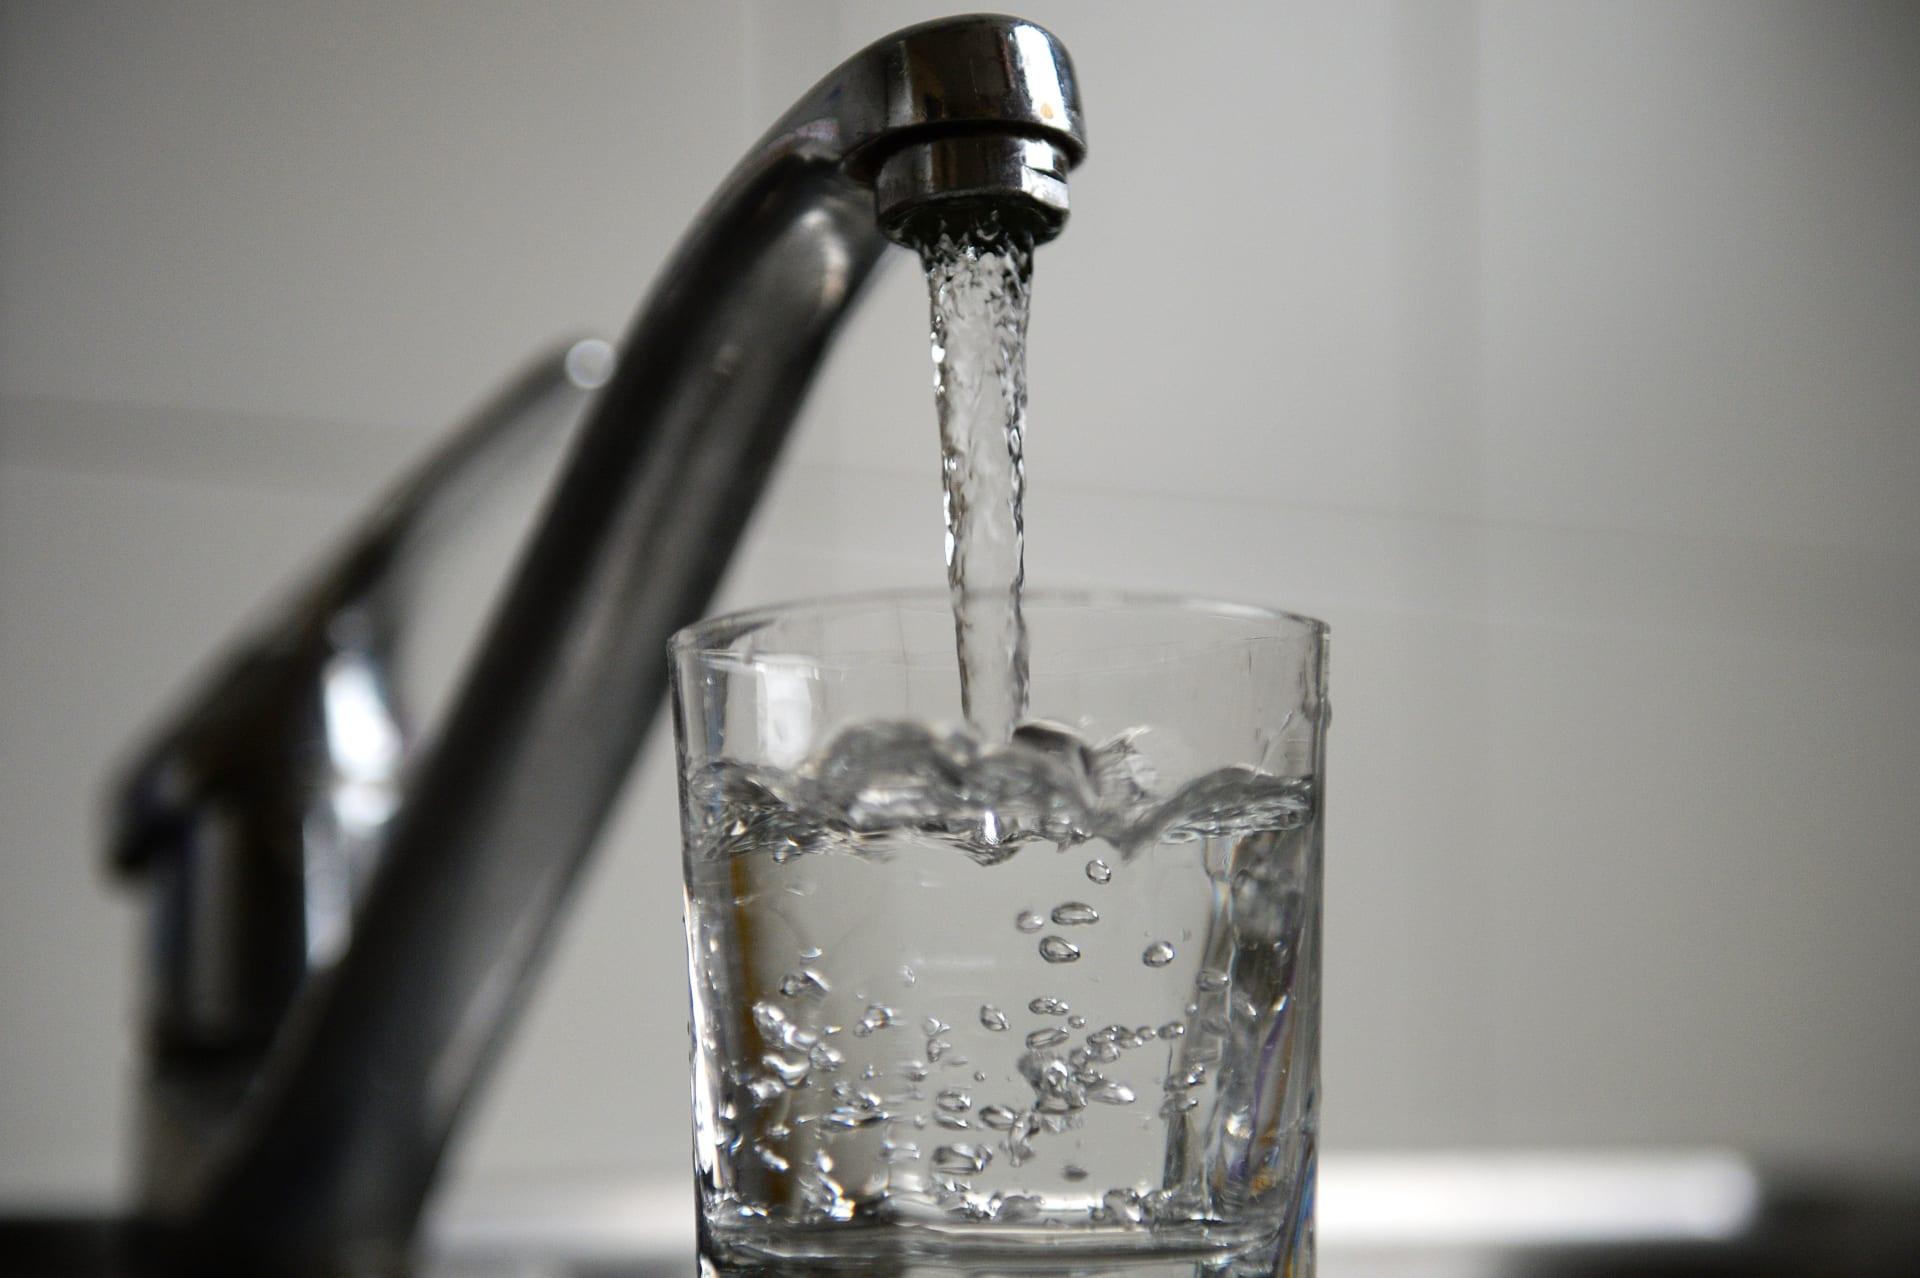 هل هناك أي خطر من شرب المياه الغازية بدلاً من المياه العادية؟